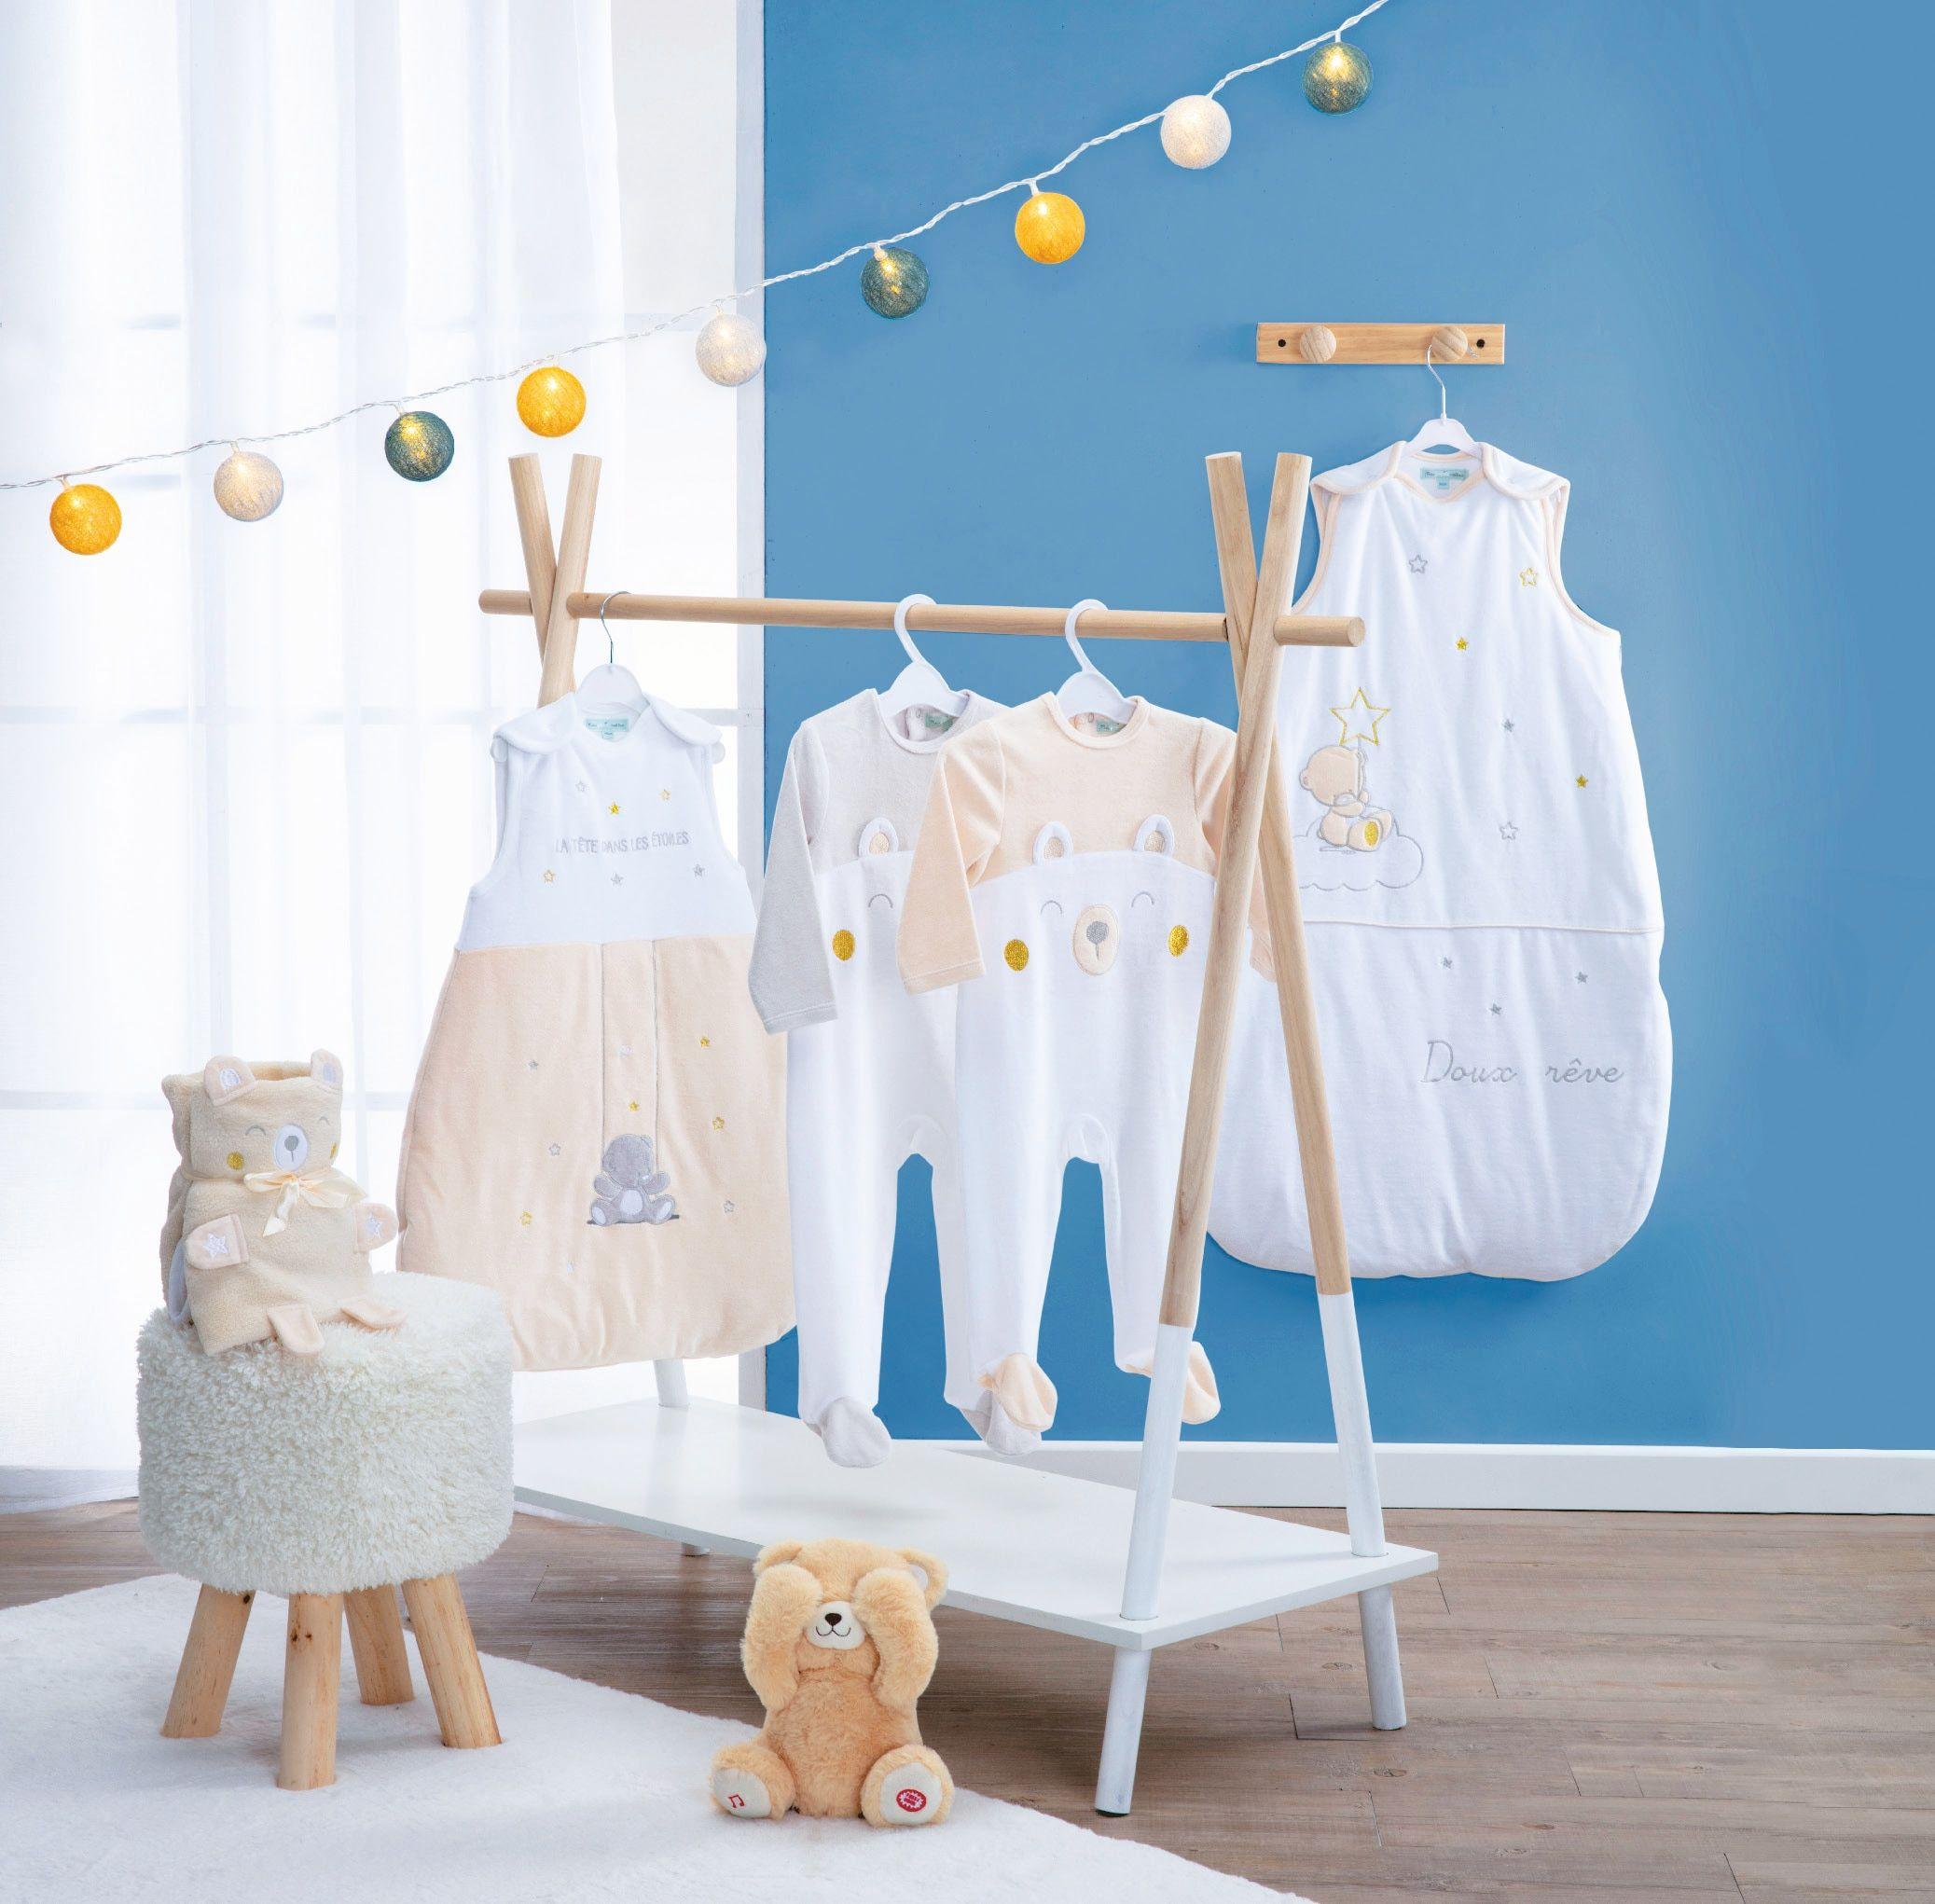 Sélection de produits de puériculture en promotion - Ex : portant à vêtements en bois